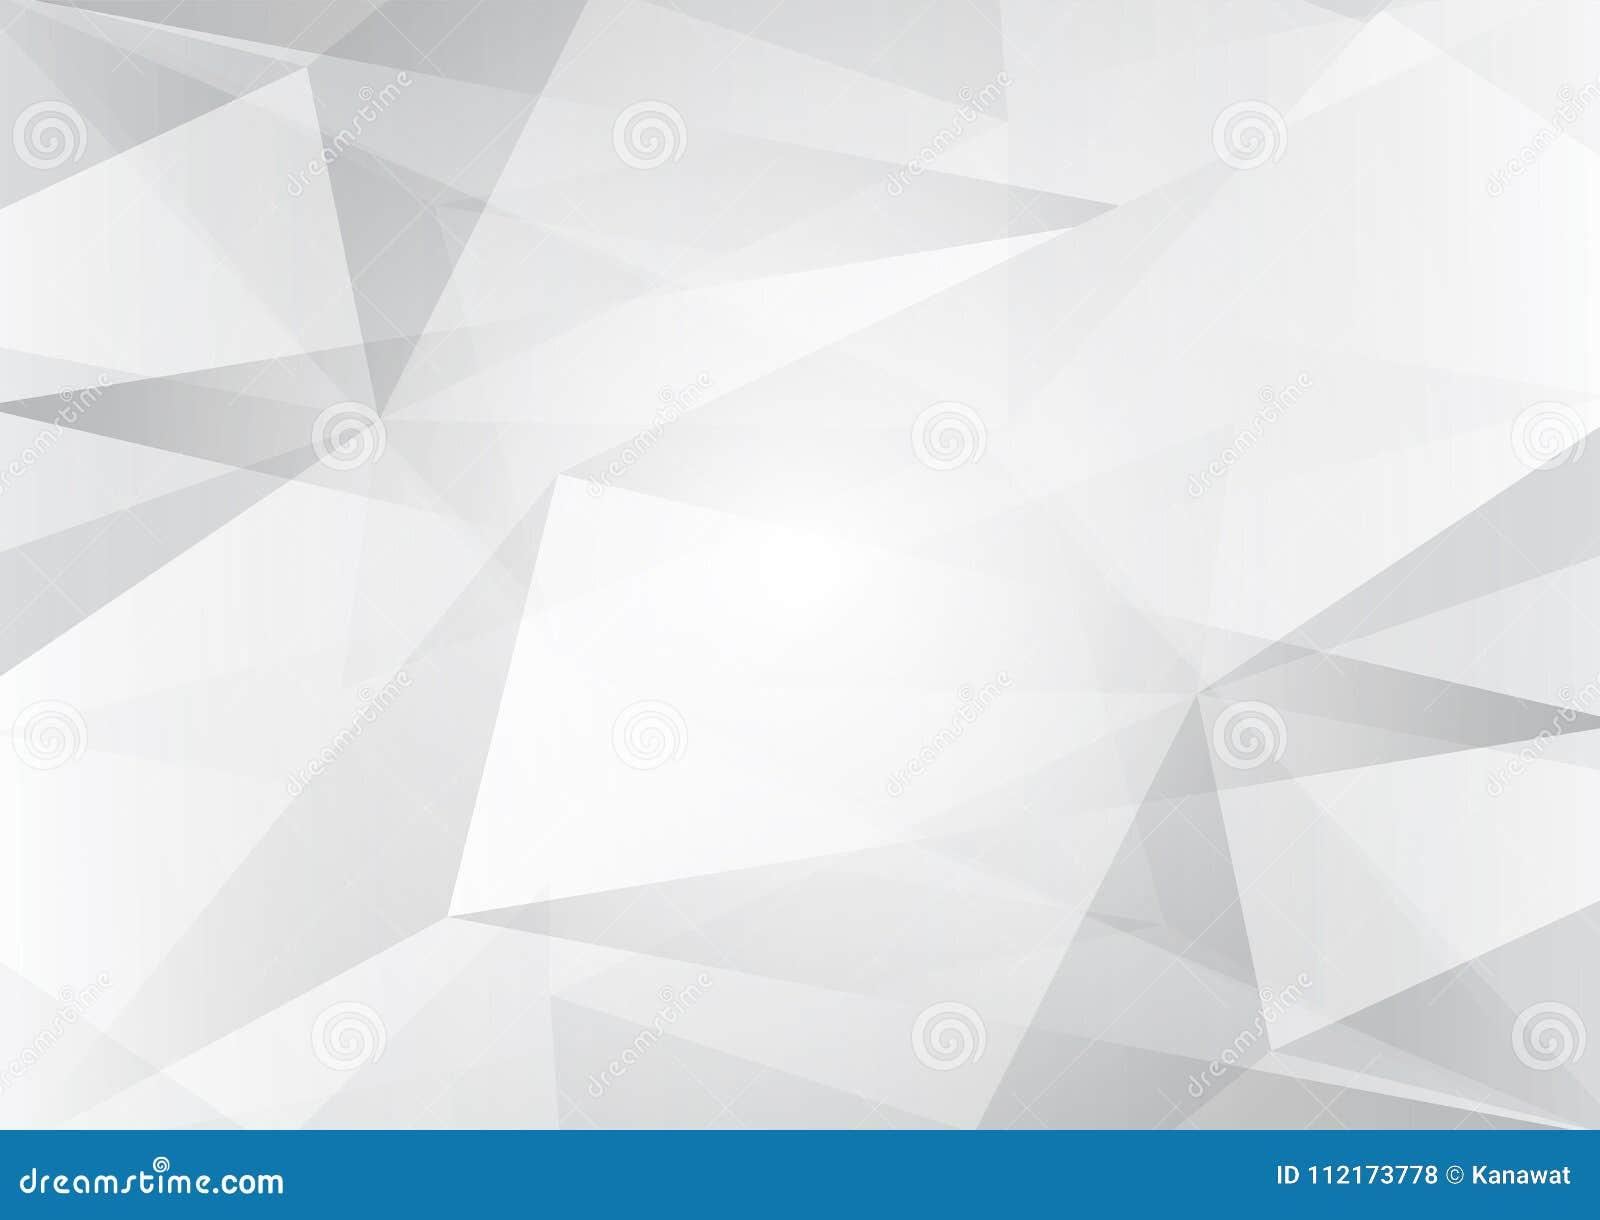 Abstracte grijze en witte kleuren lage poly, vectorillustratie als achtergrond met exemplaarruimte